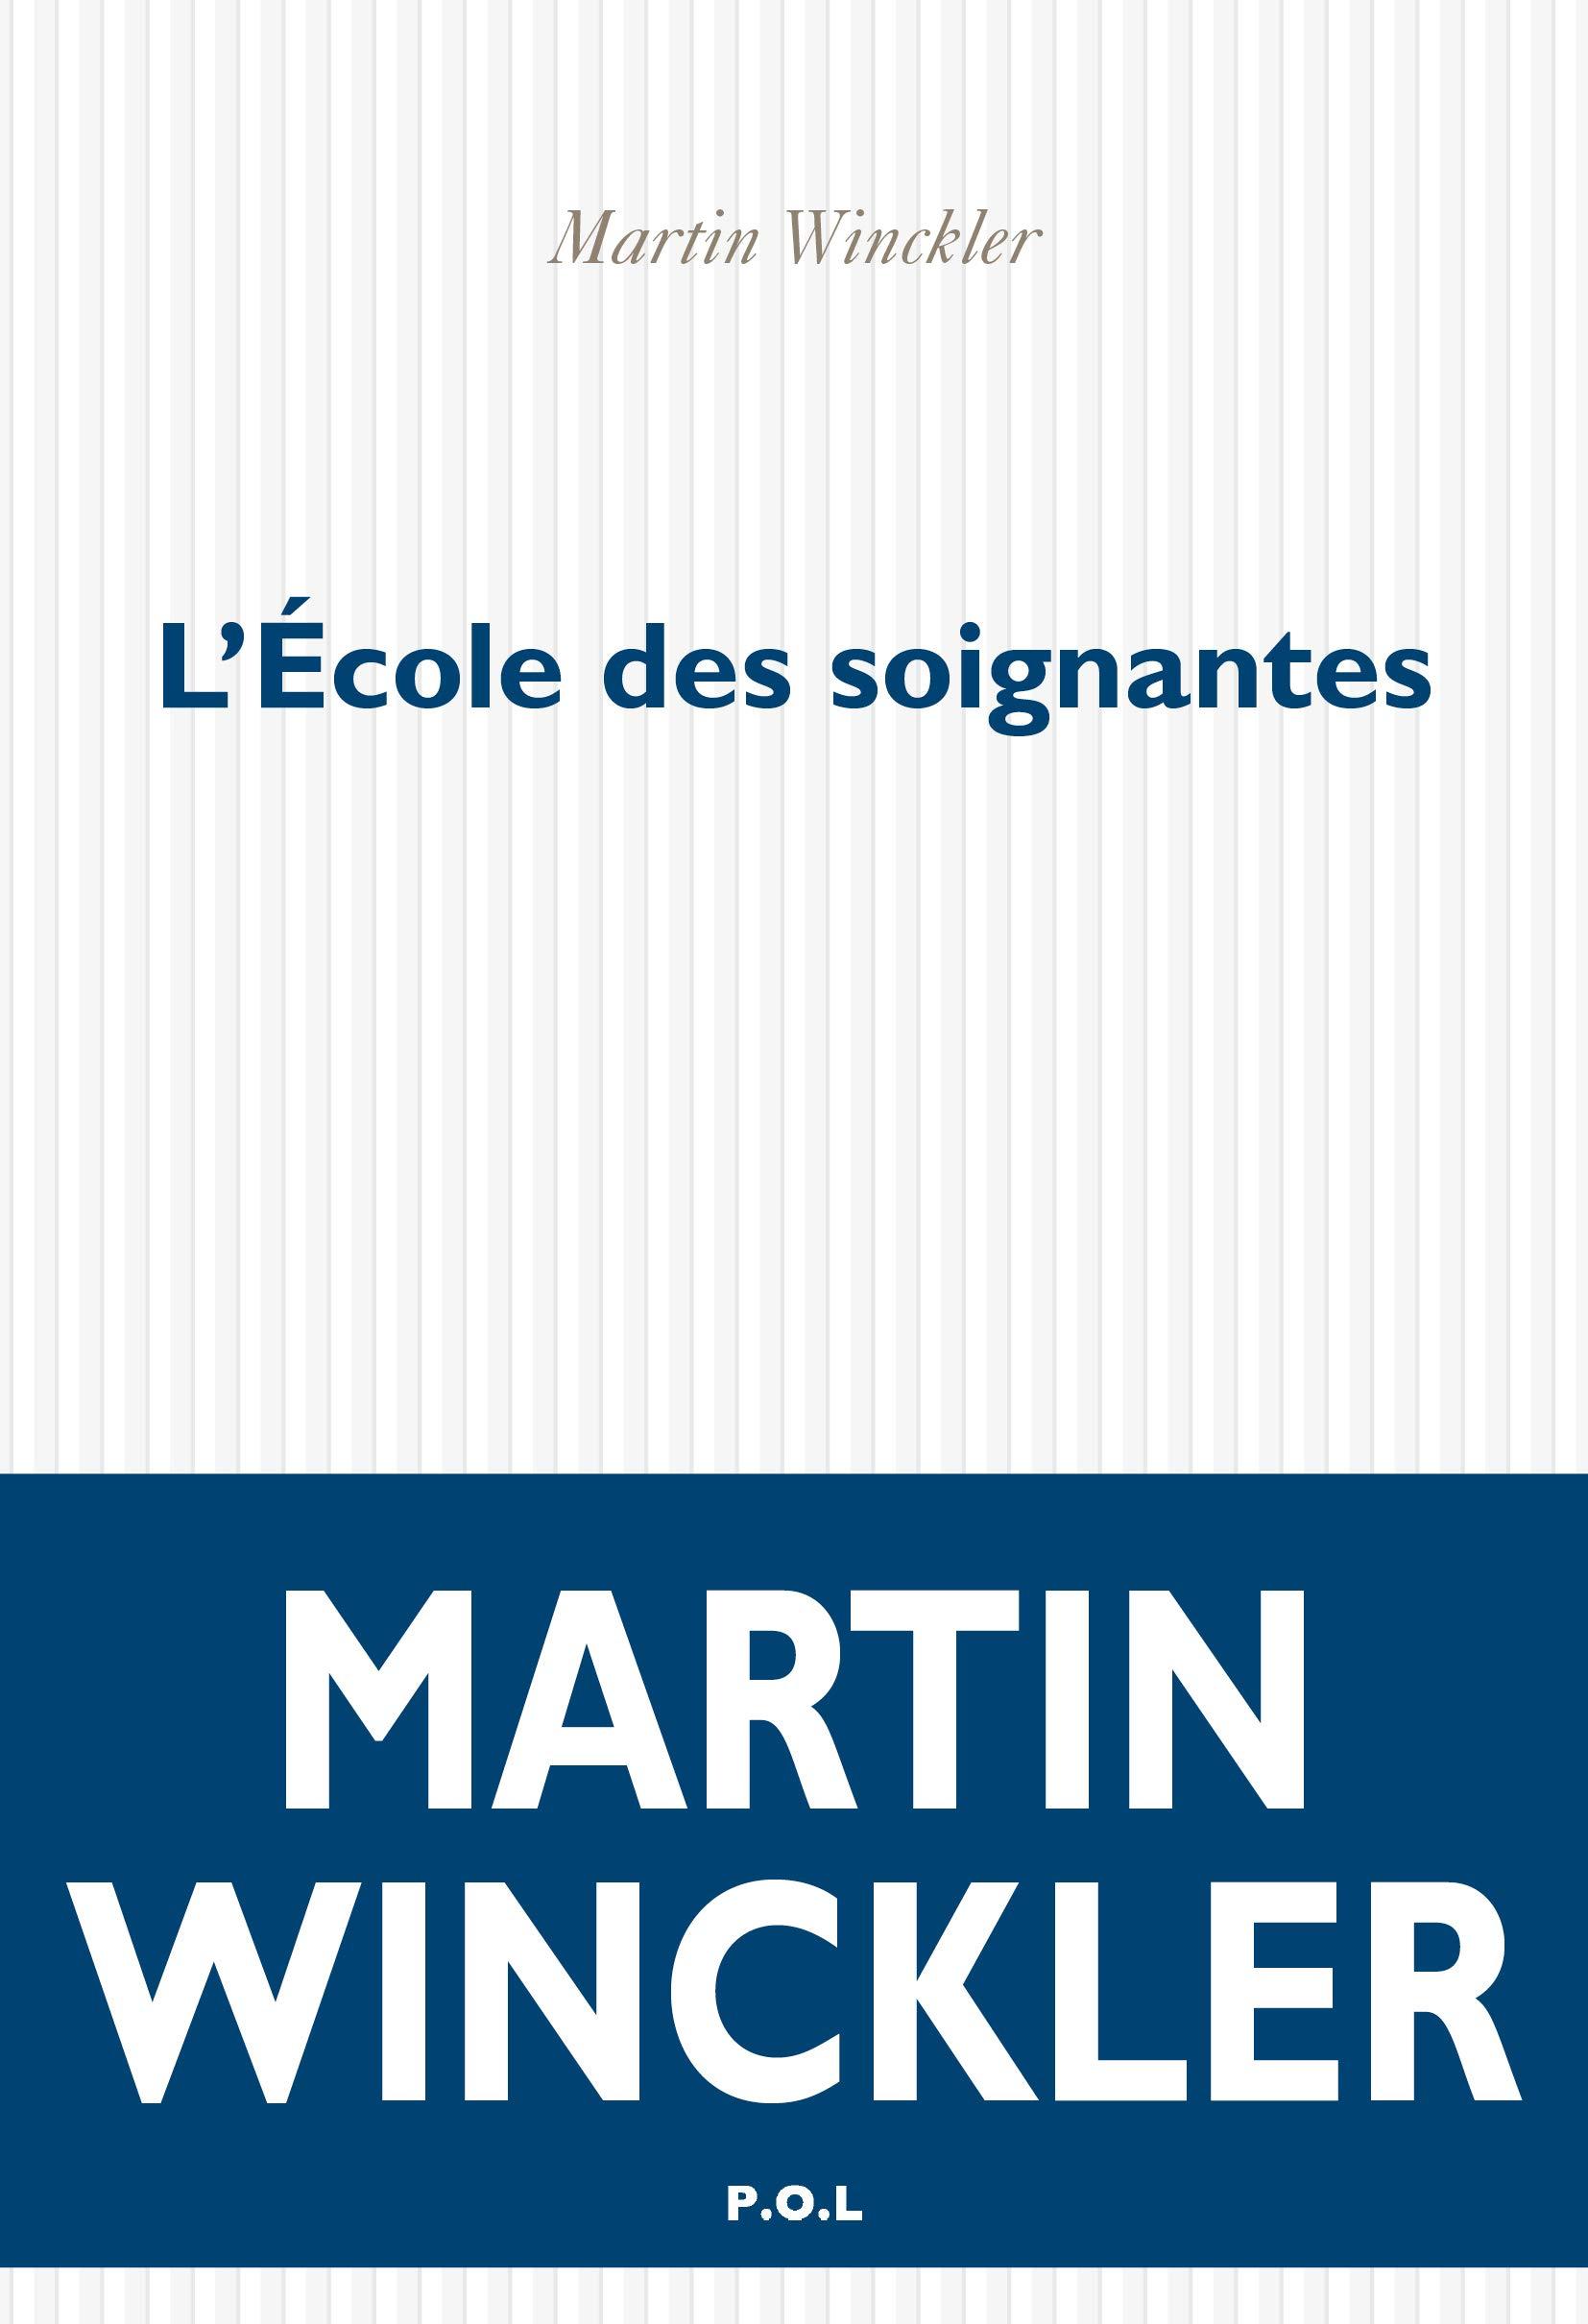 couverture de L'Ecole des Soignantes de Martin Winckler